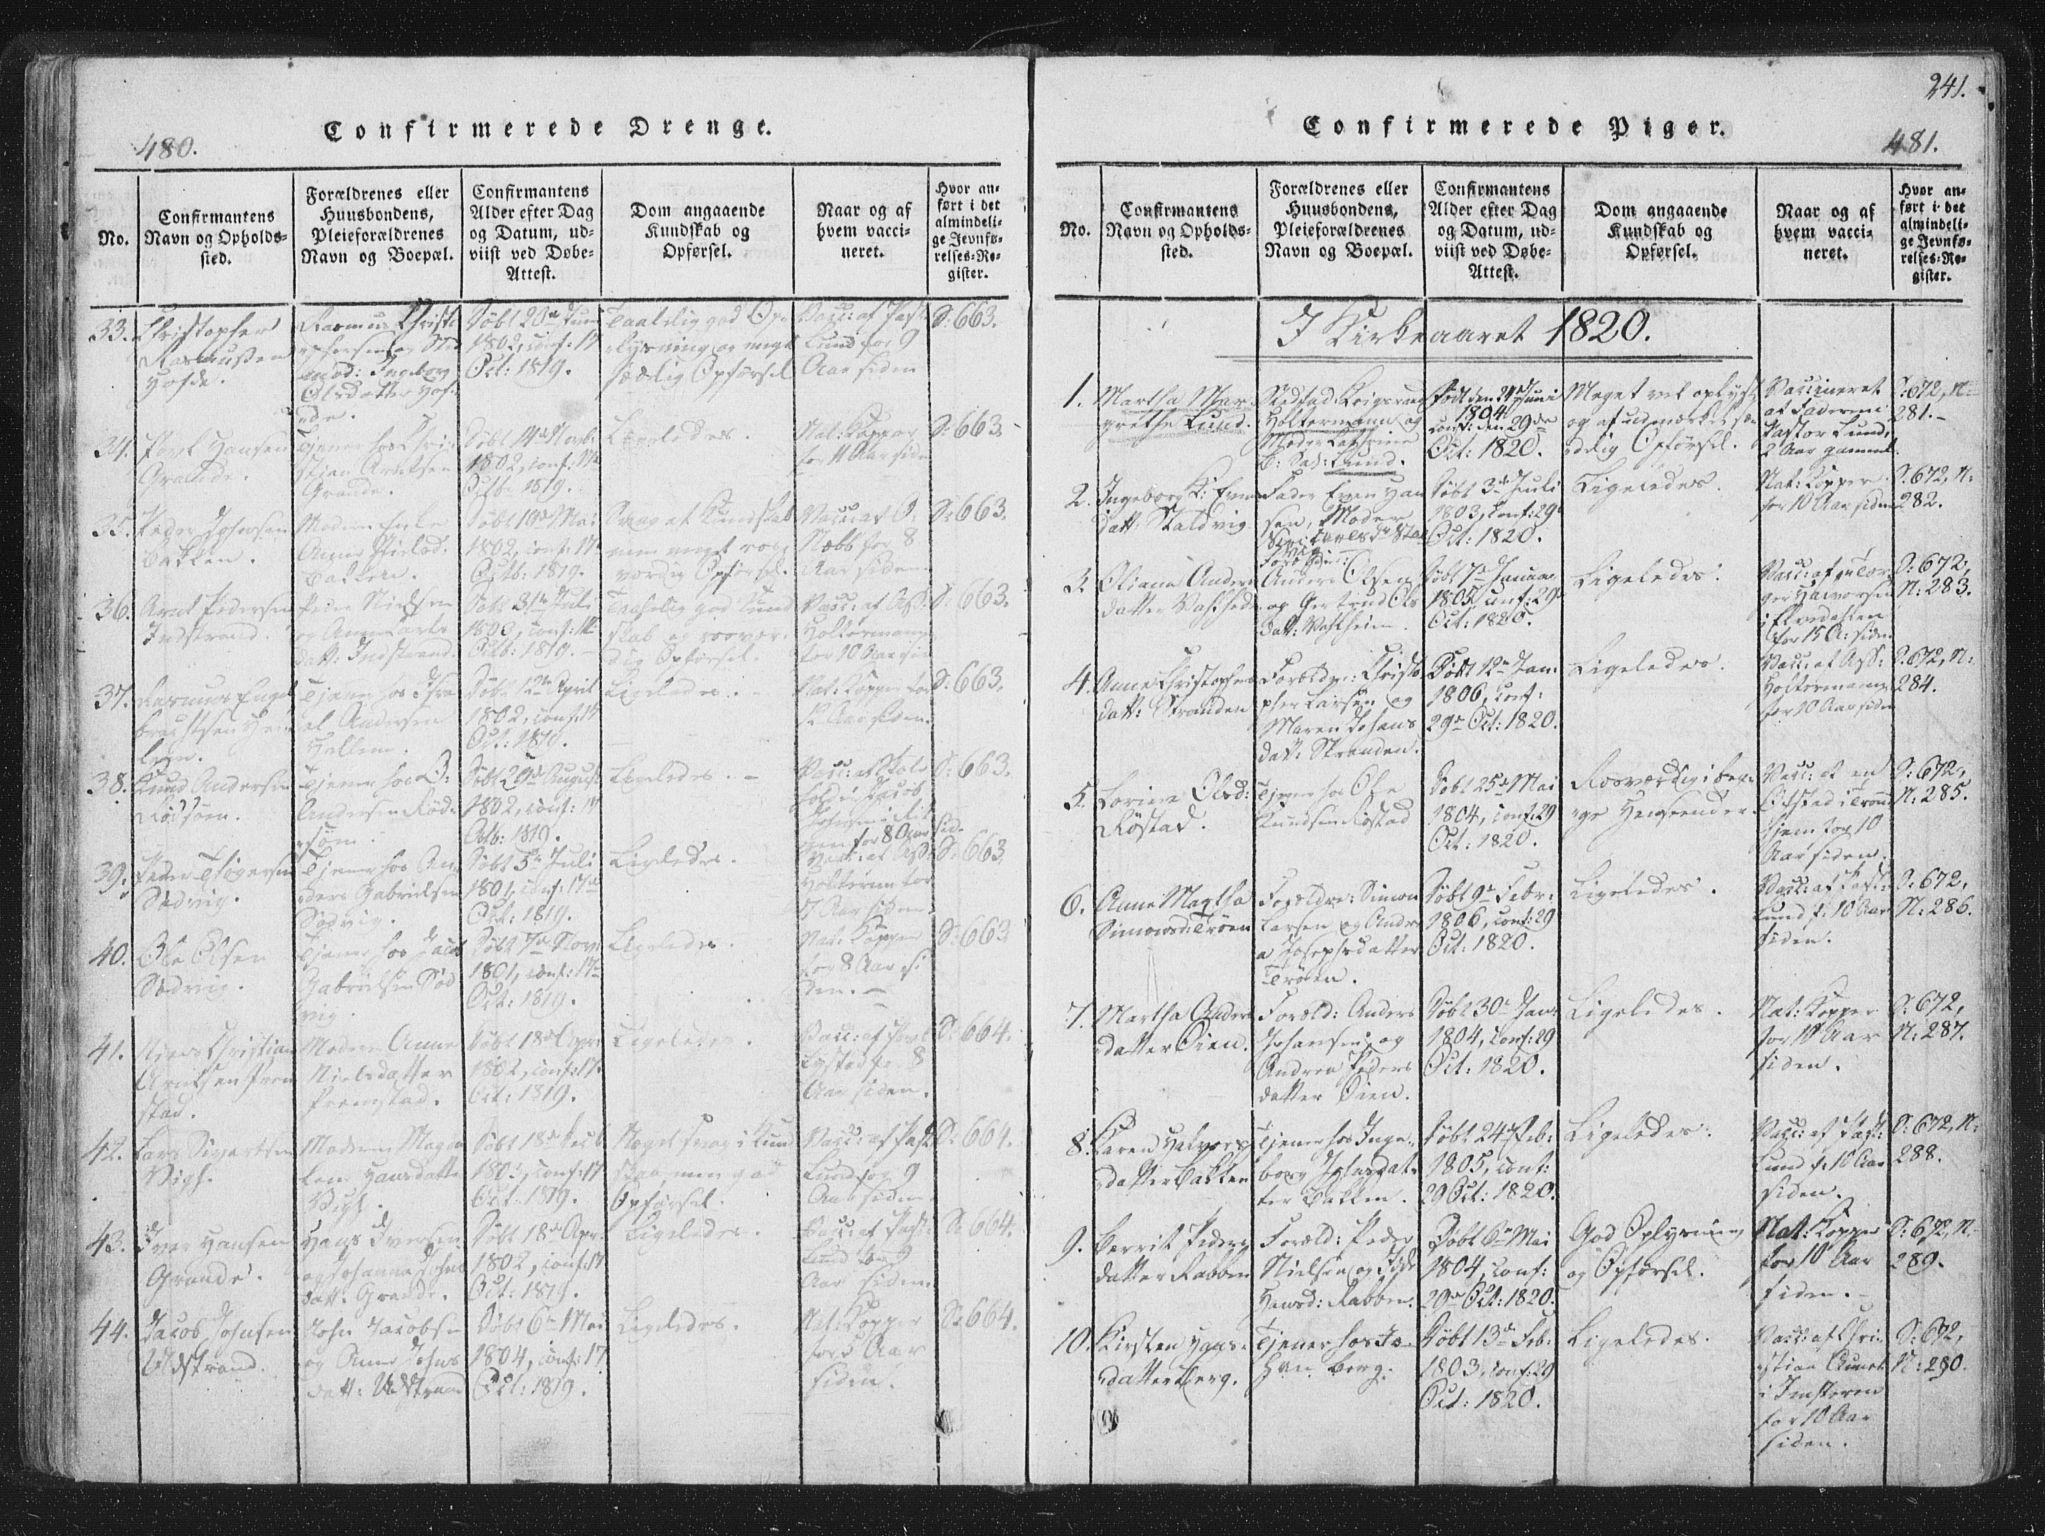 SAT, Ministerialprotokoller, klokkerbøker og fødselsregistre - Sør-Trøndelag, 659/L0734: Ministerialbok nr. 659A04, 1818-1825, s. 480-481